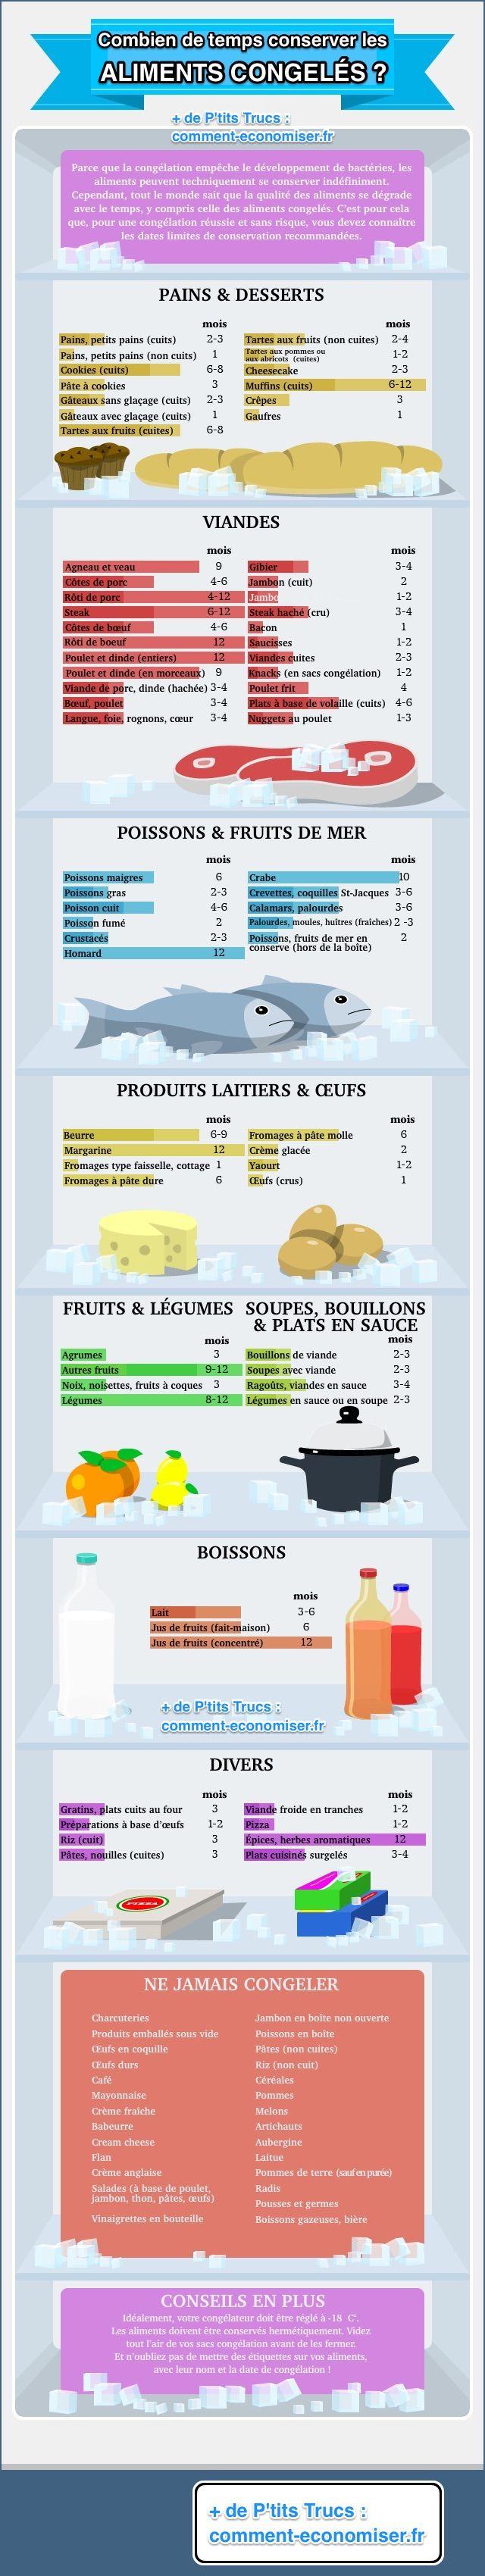 Combien De Temps Peut On Garder Les Aliments Au Congelateur Le Guide Pratique Indispensable